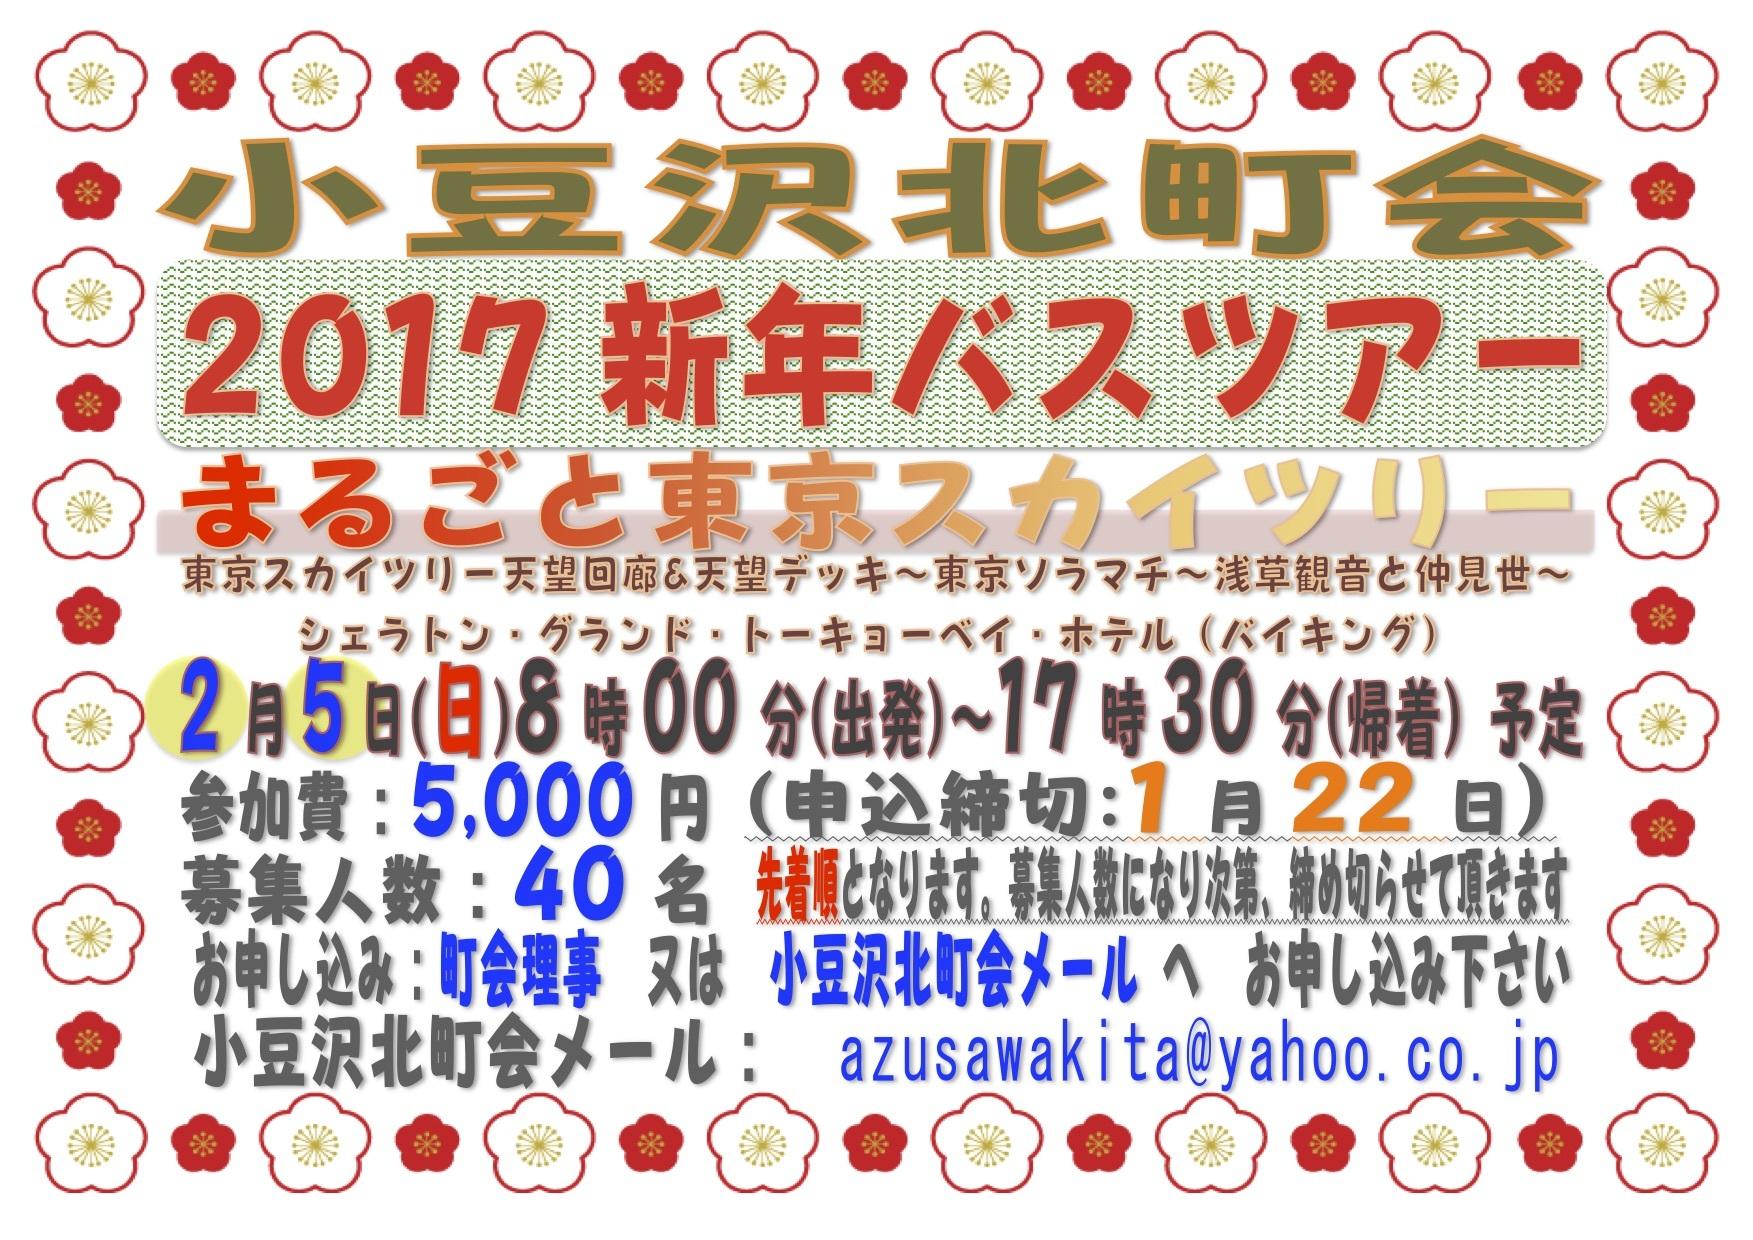 2017年2月5日(日)町会新年会